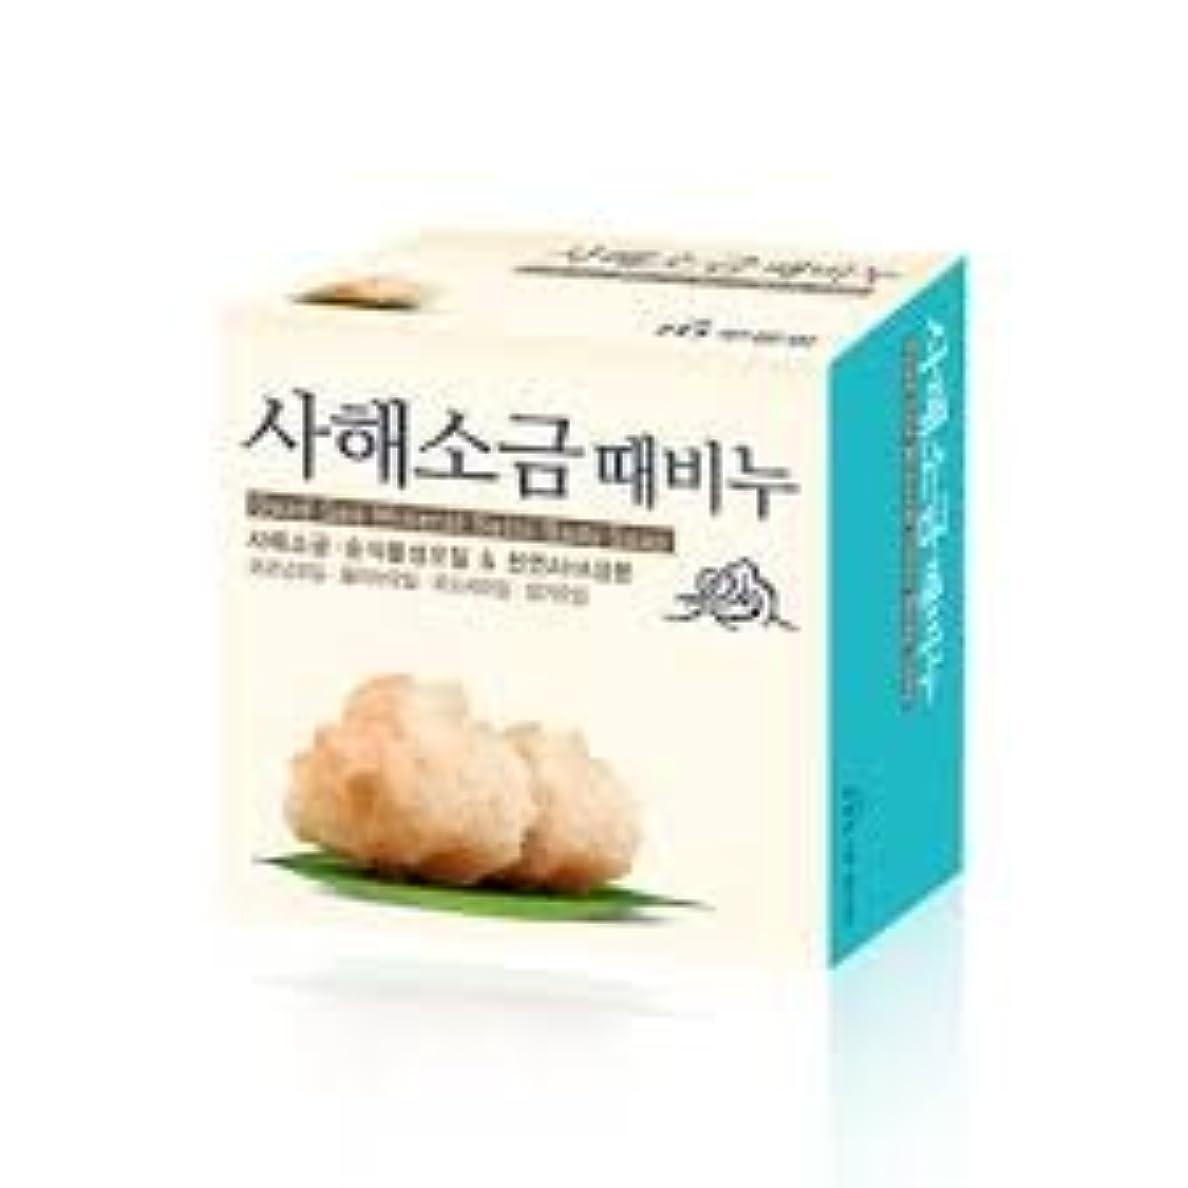 広範囲説教する情熱ムグンファ[MUKUNGHWA] 死海 塩 垢石鹸 100g/ Dead Sea Mineral Salts Body Soap